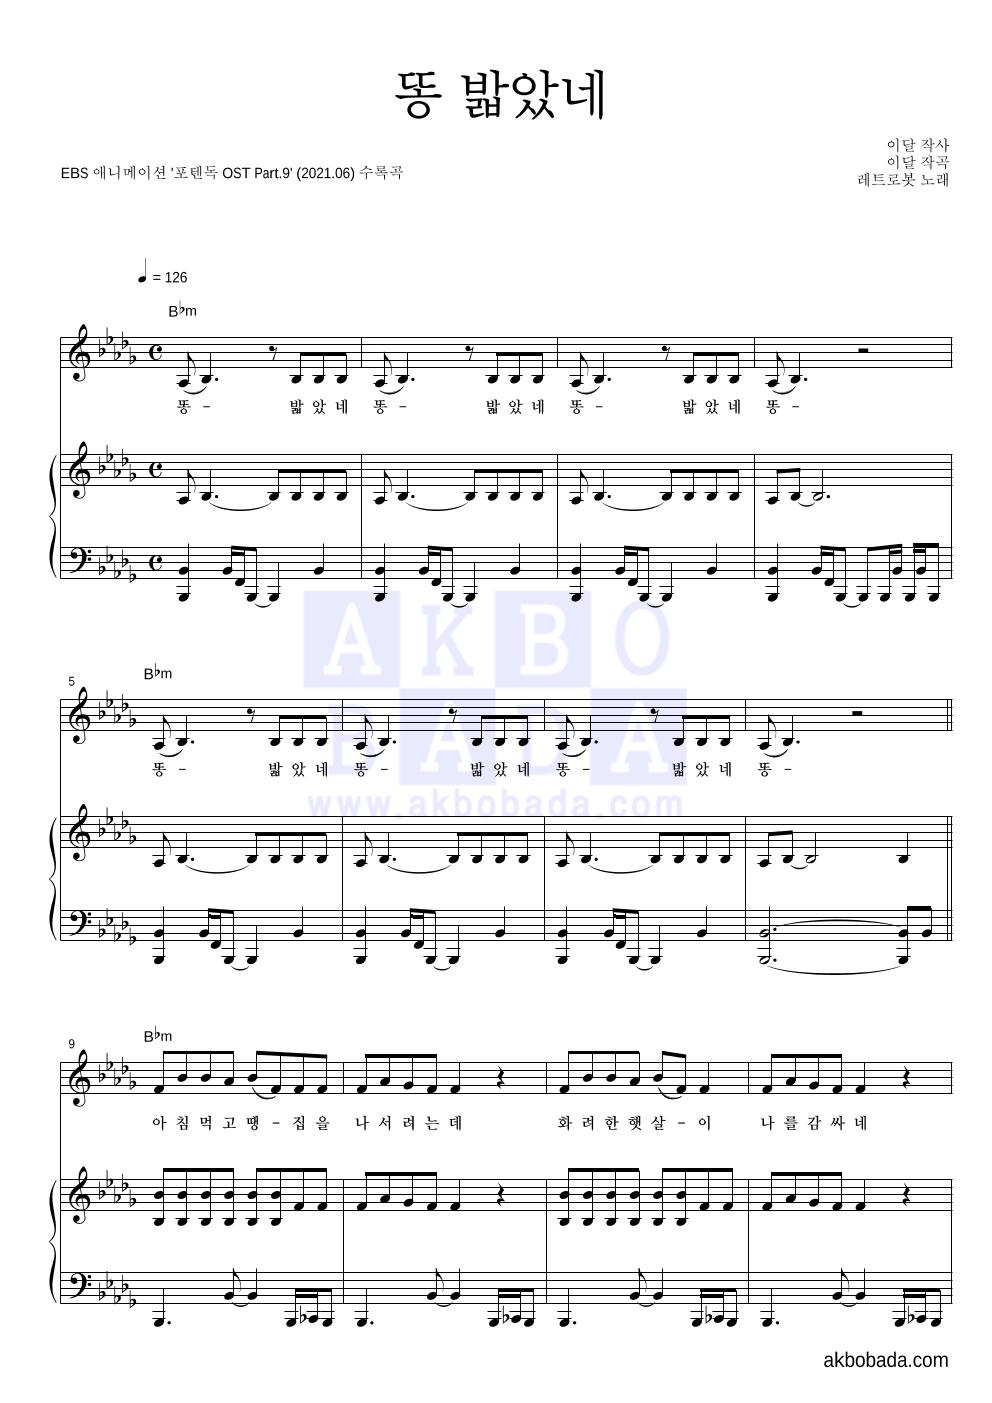 레트로봇 - 똥 밟았네 피아노 3단 악보